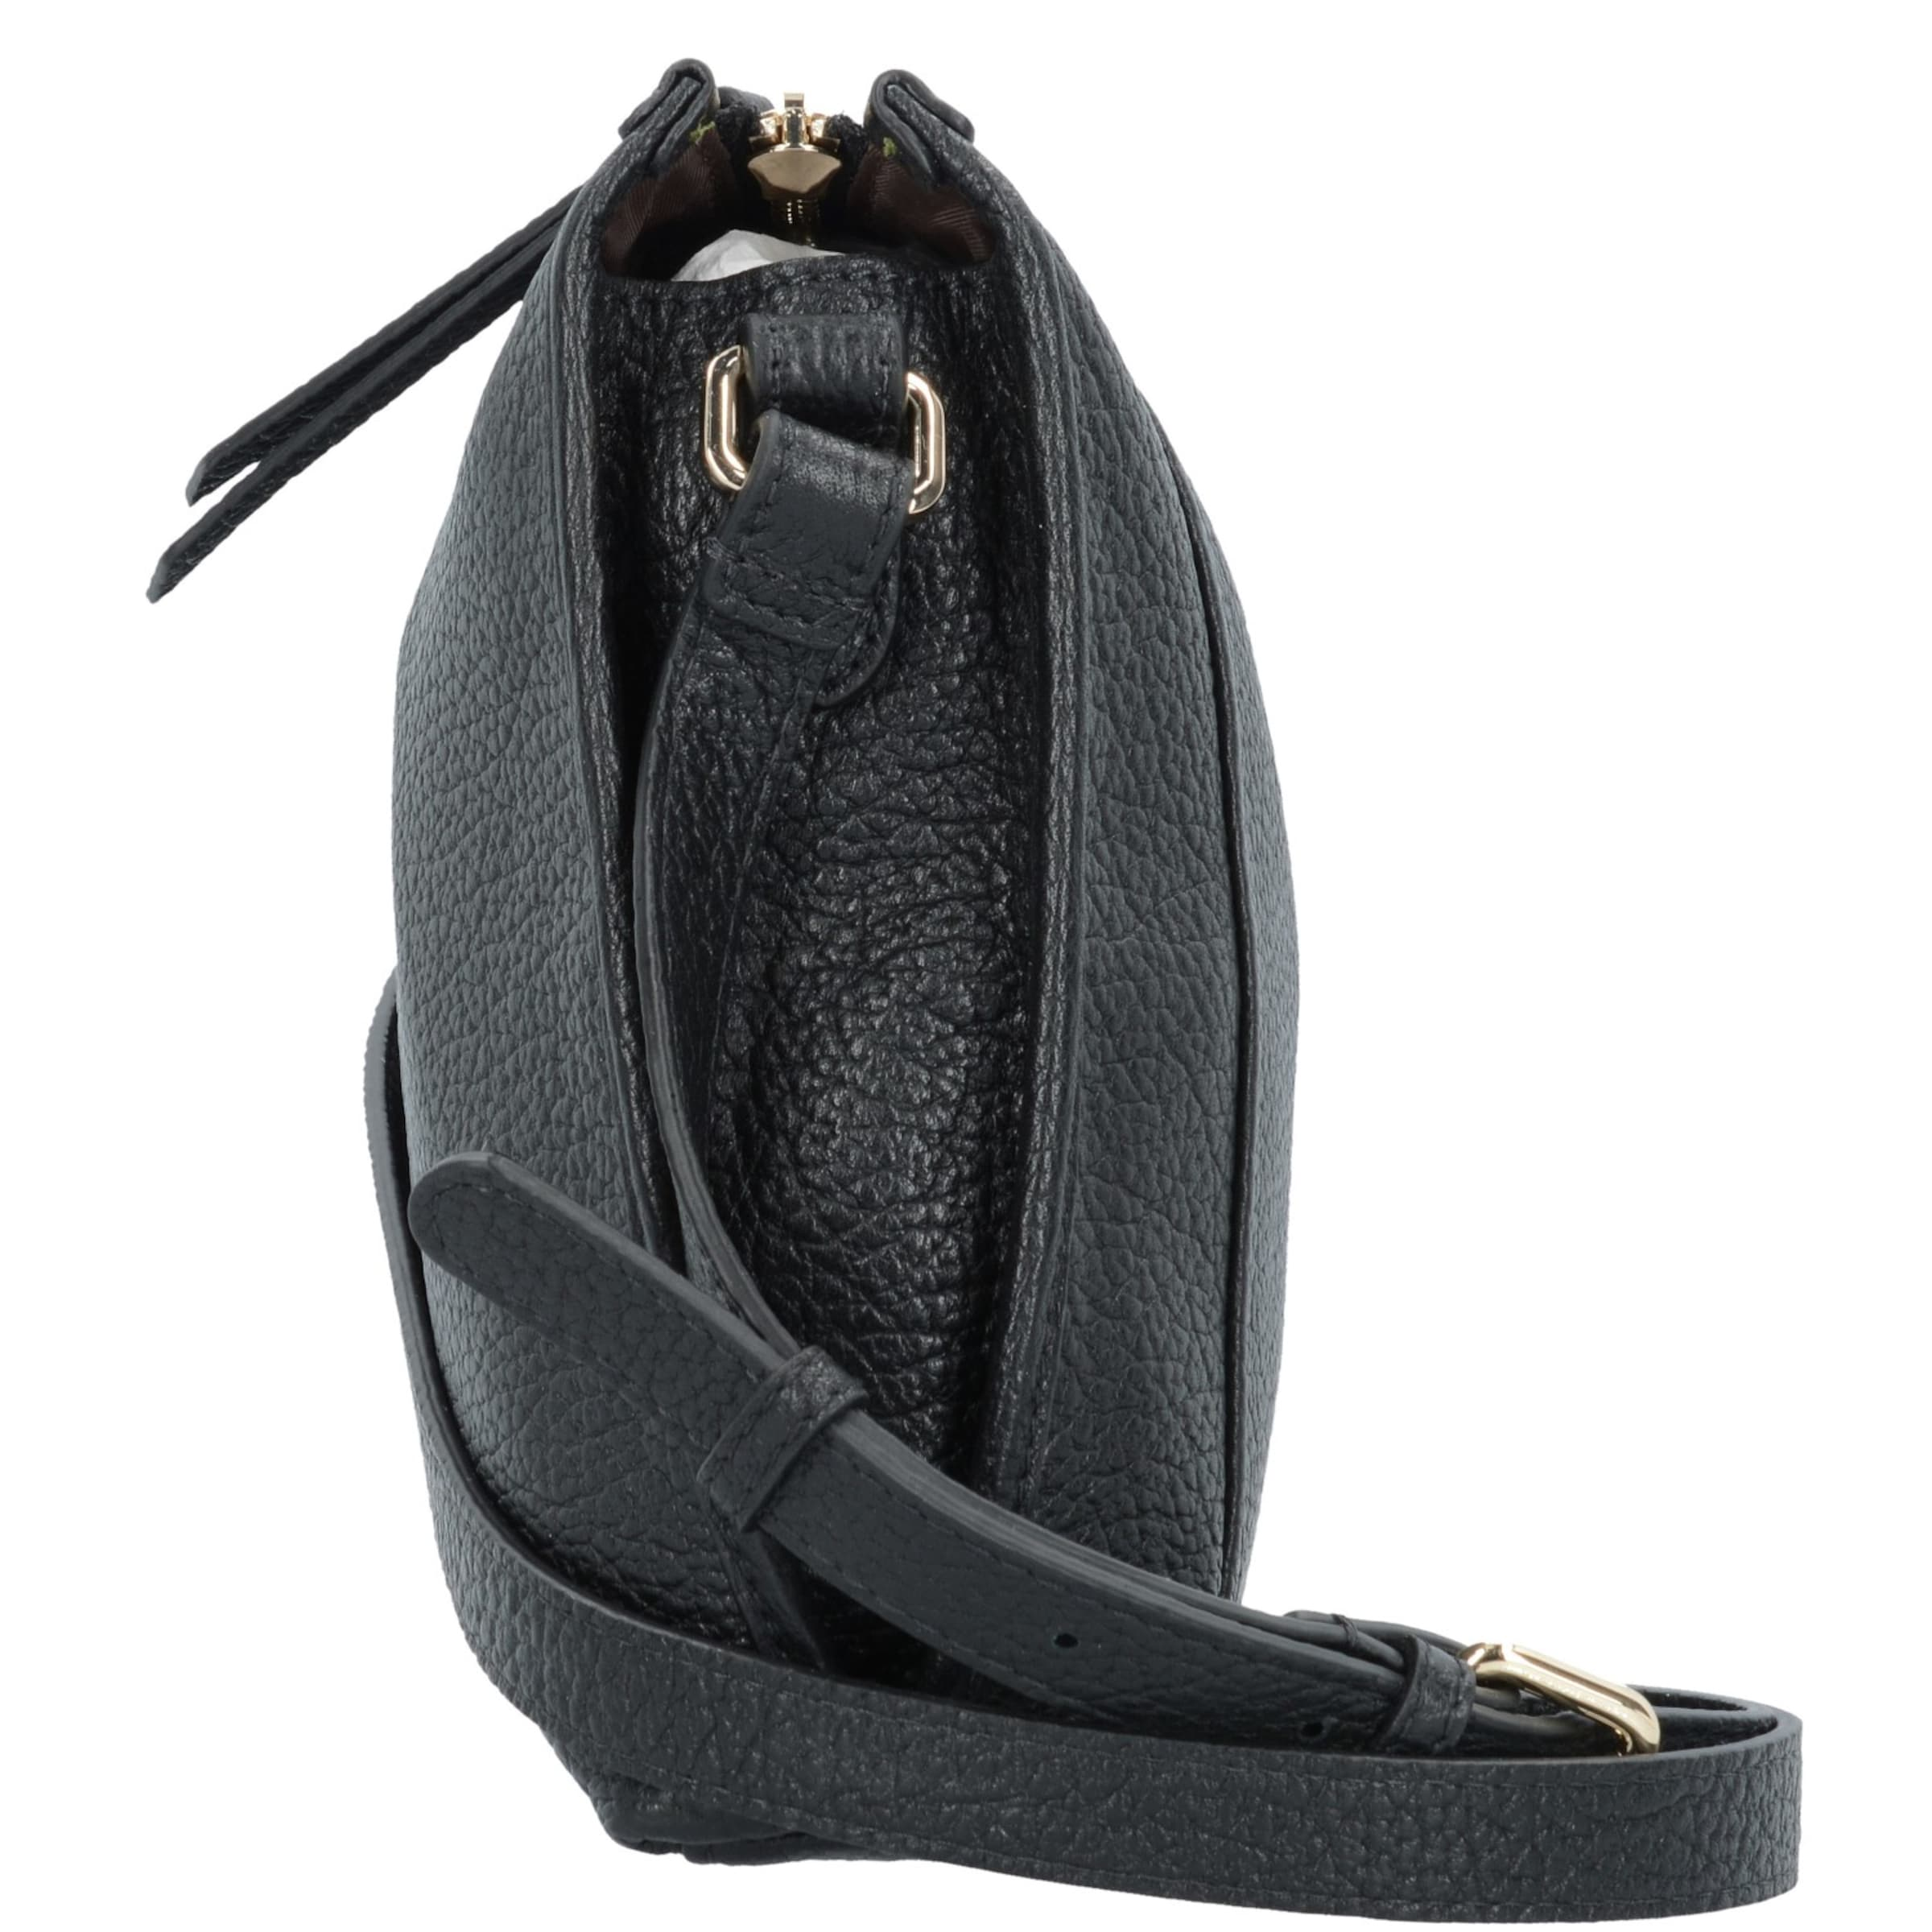 Verkauf 2018 CINQUE Raphaela Umhängetasche Leder 22 cm Amazon Verkauf Online Billig Verkauf Komfortabel Webseiten Günstig Online Brandneues Unisex Günstiger Preis 6AaUf